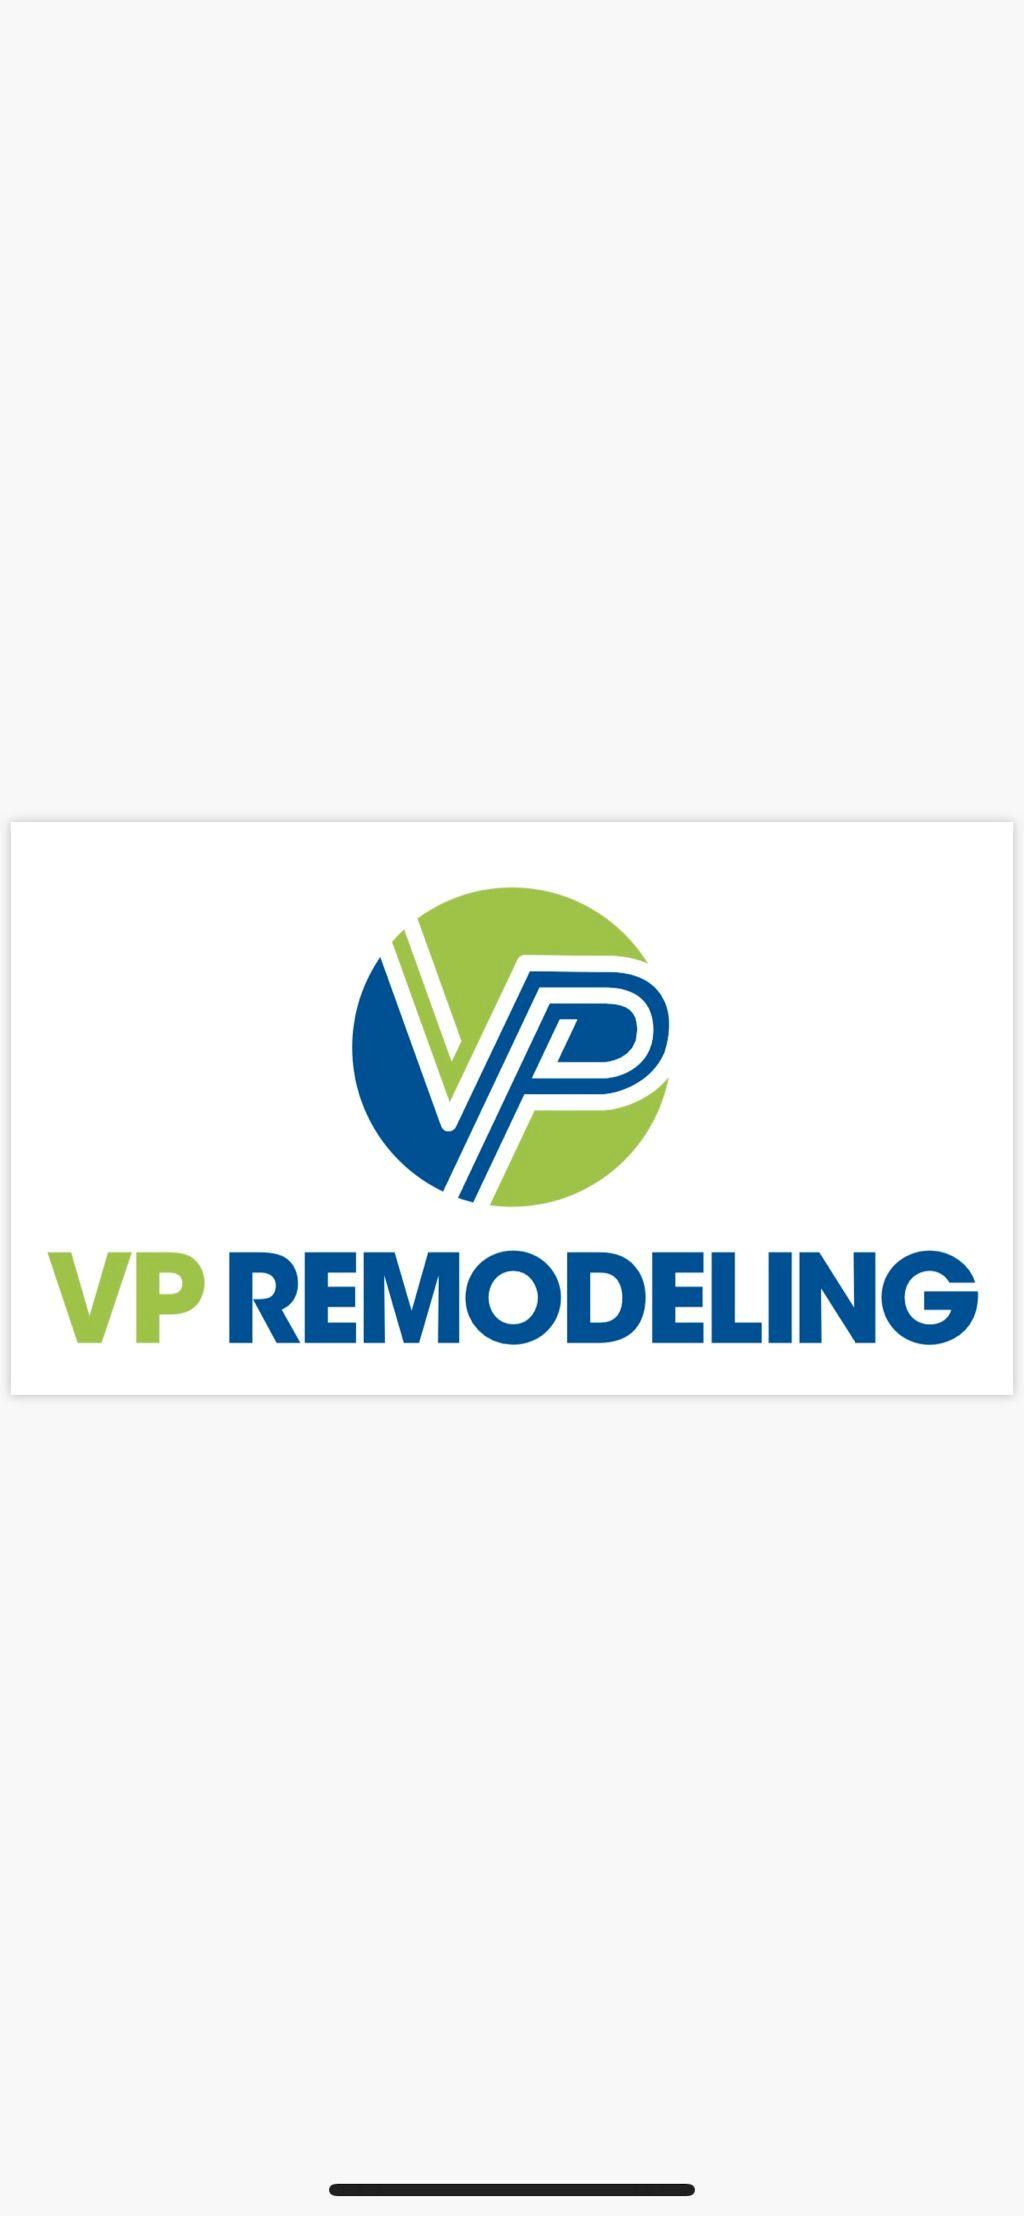 VP Remodeling